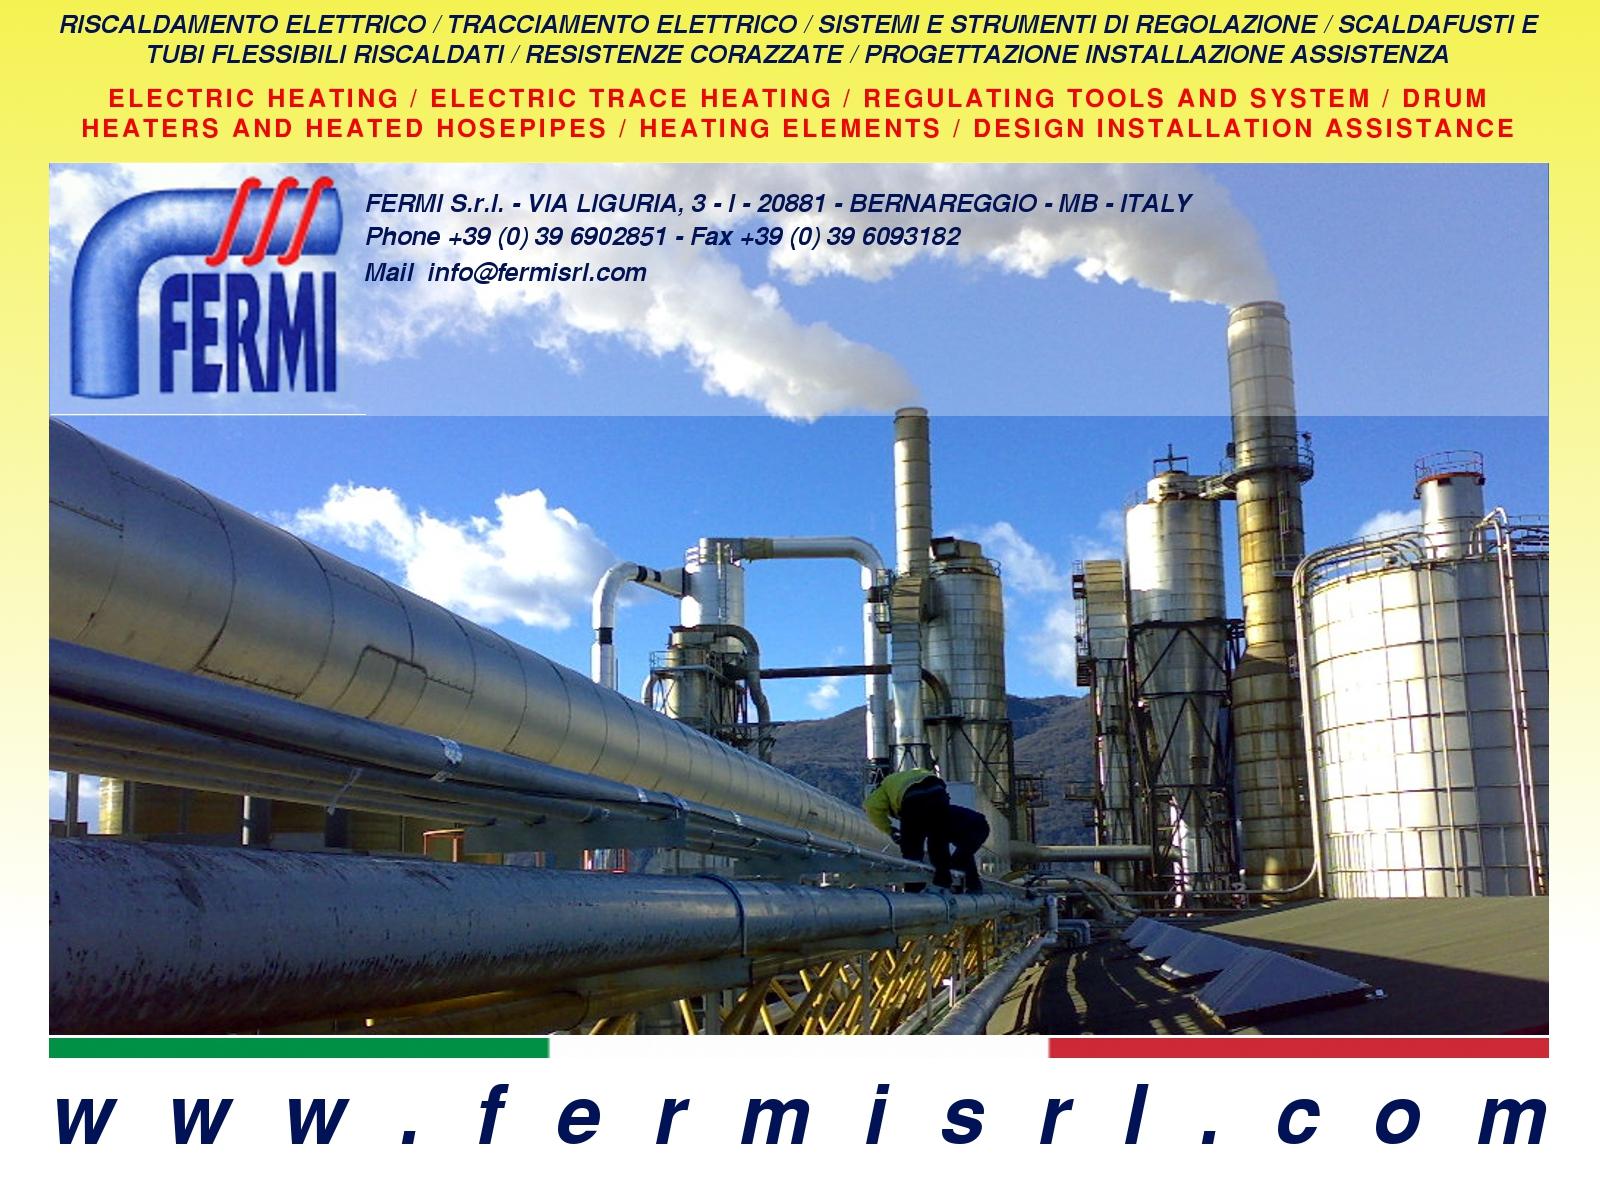 Contatti / Contact - fermisrl.com